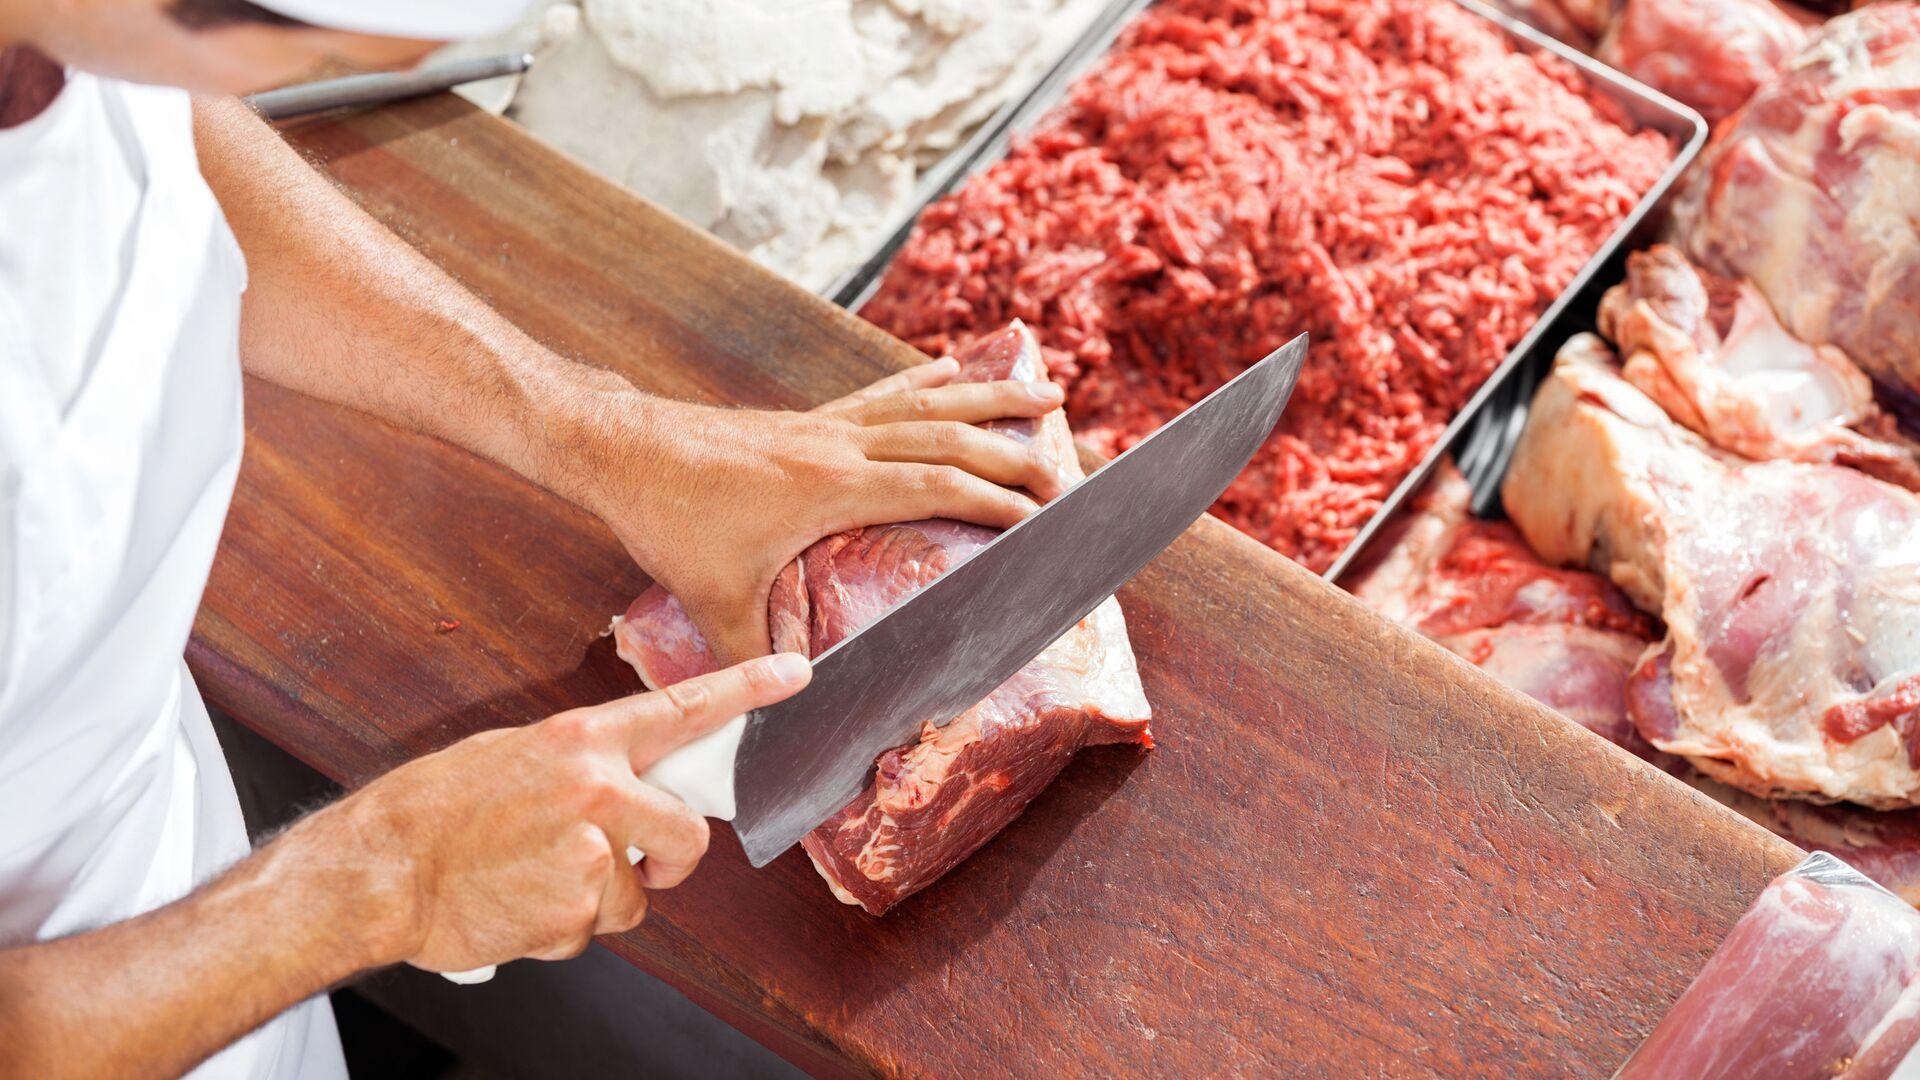 Macellaio con un pezzo di carne - Sputnik Italia, 1920, 27.02.2021